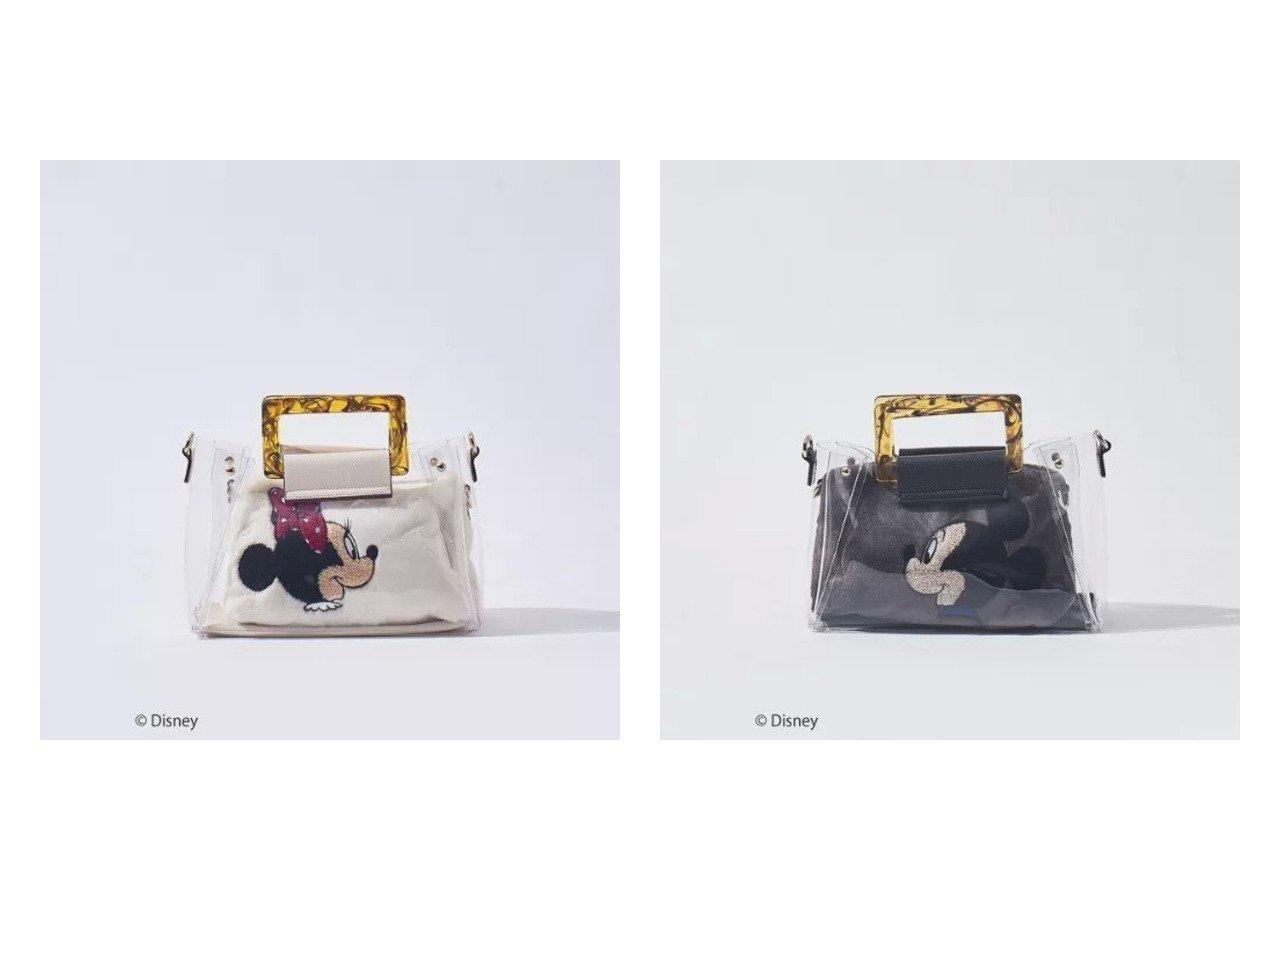 【interstaple/インターステイプル】の●【LOWELL限定/Disneyデザインアイテム】4WAYビニールショルダー おすすめ!人気、トレンド・レディースファッションの通販 おすすめで人気の流行・トレンド、ファッションの通販商品 インテリア・家具・メンズファッション・キッズファッション・レディースファッション・服の通販 founy(ファニー) https://founy.com/ ファッション Fashion レディースファッション WOMEN 秋 Autumn/Fall コレクション ショルダー トレンド ドット ポケット ポーチ モチーフ おすすめ Recommend 夏 Summer |ID:crp329100000062522